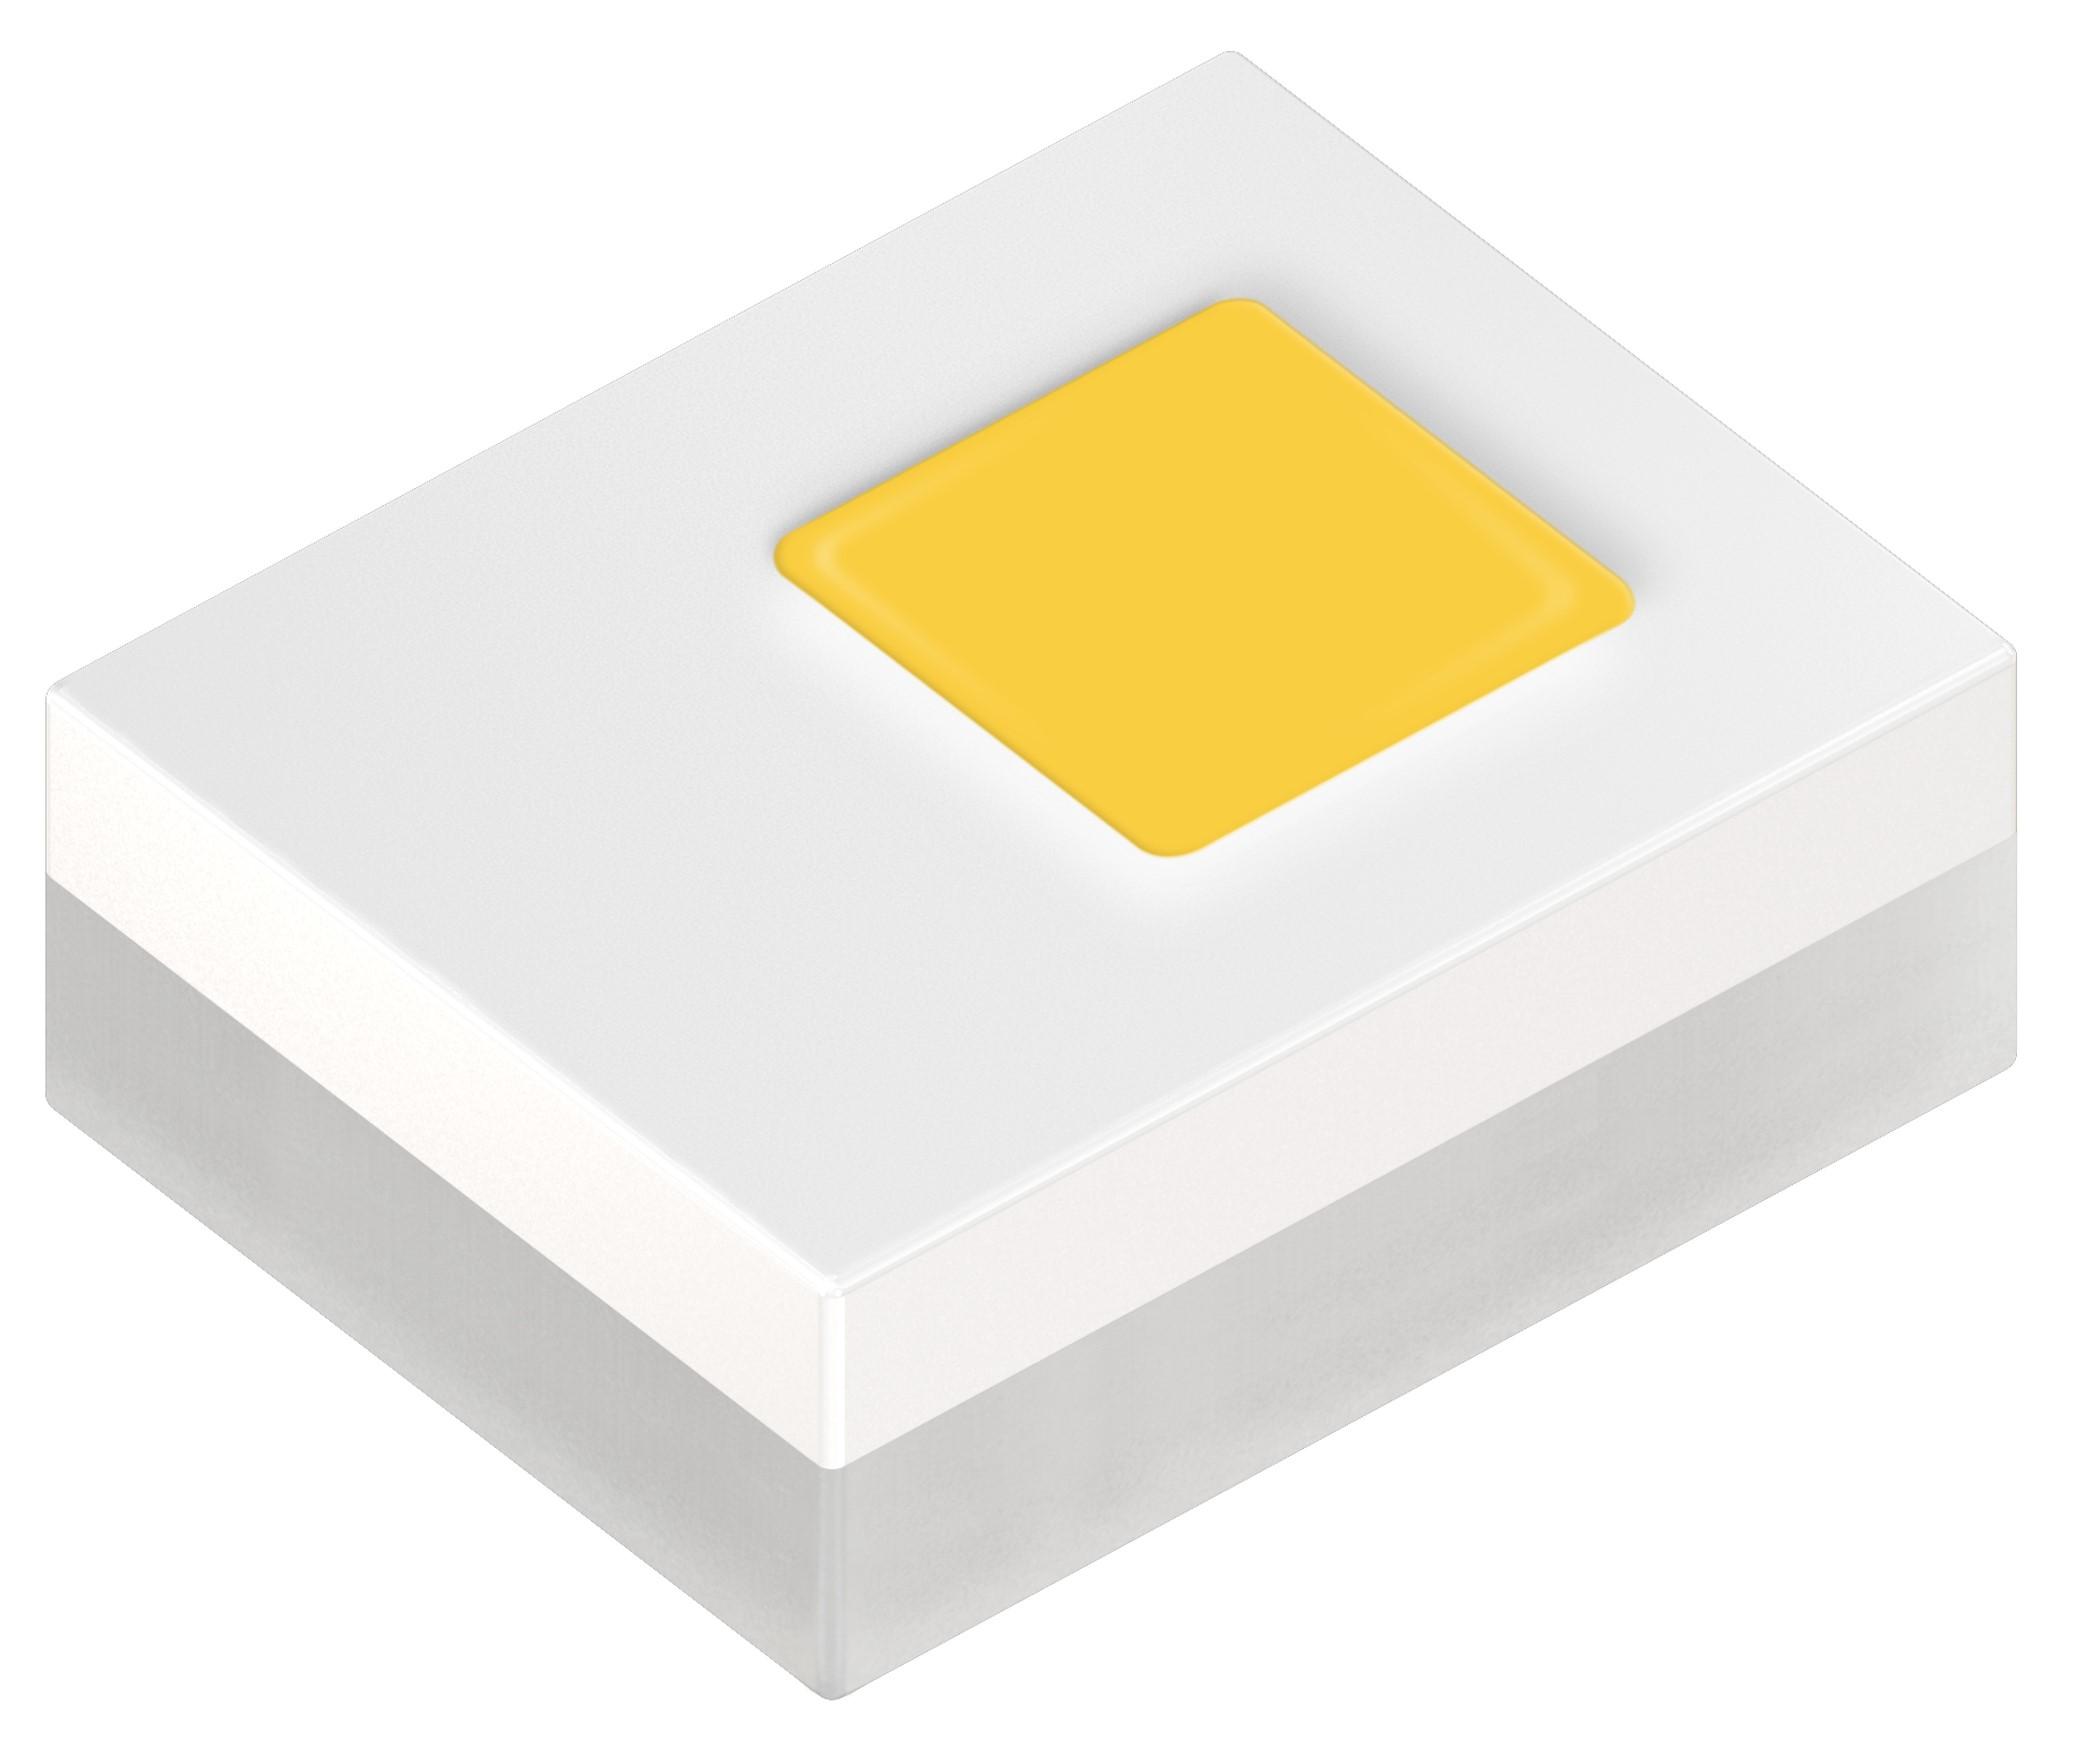 歐司朗發布新款LED, 適用于超薄的車頭燈設計